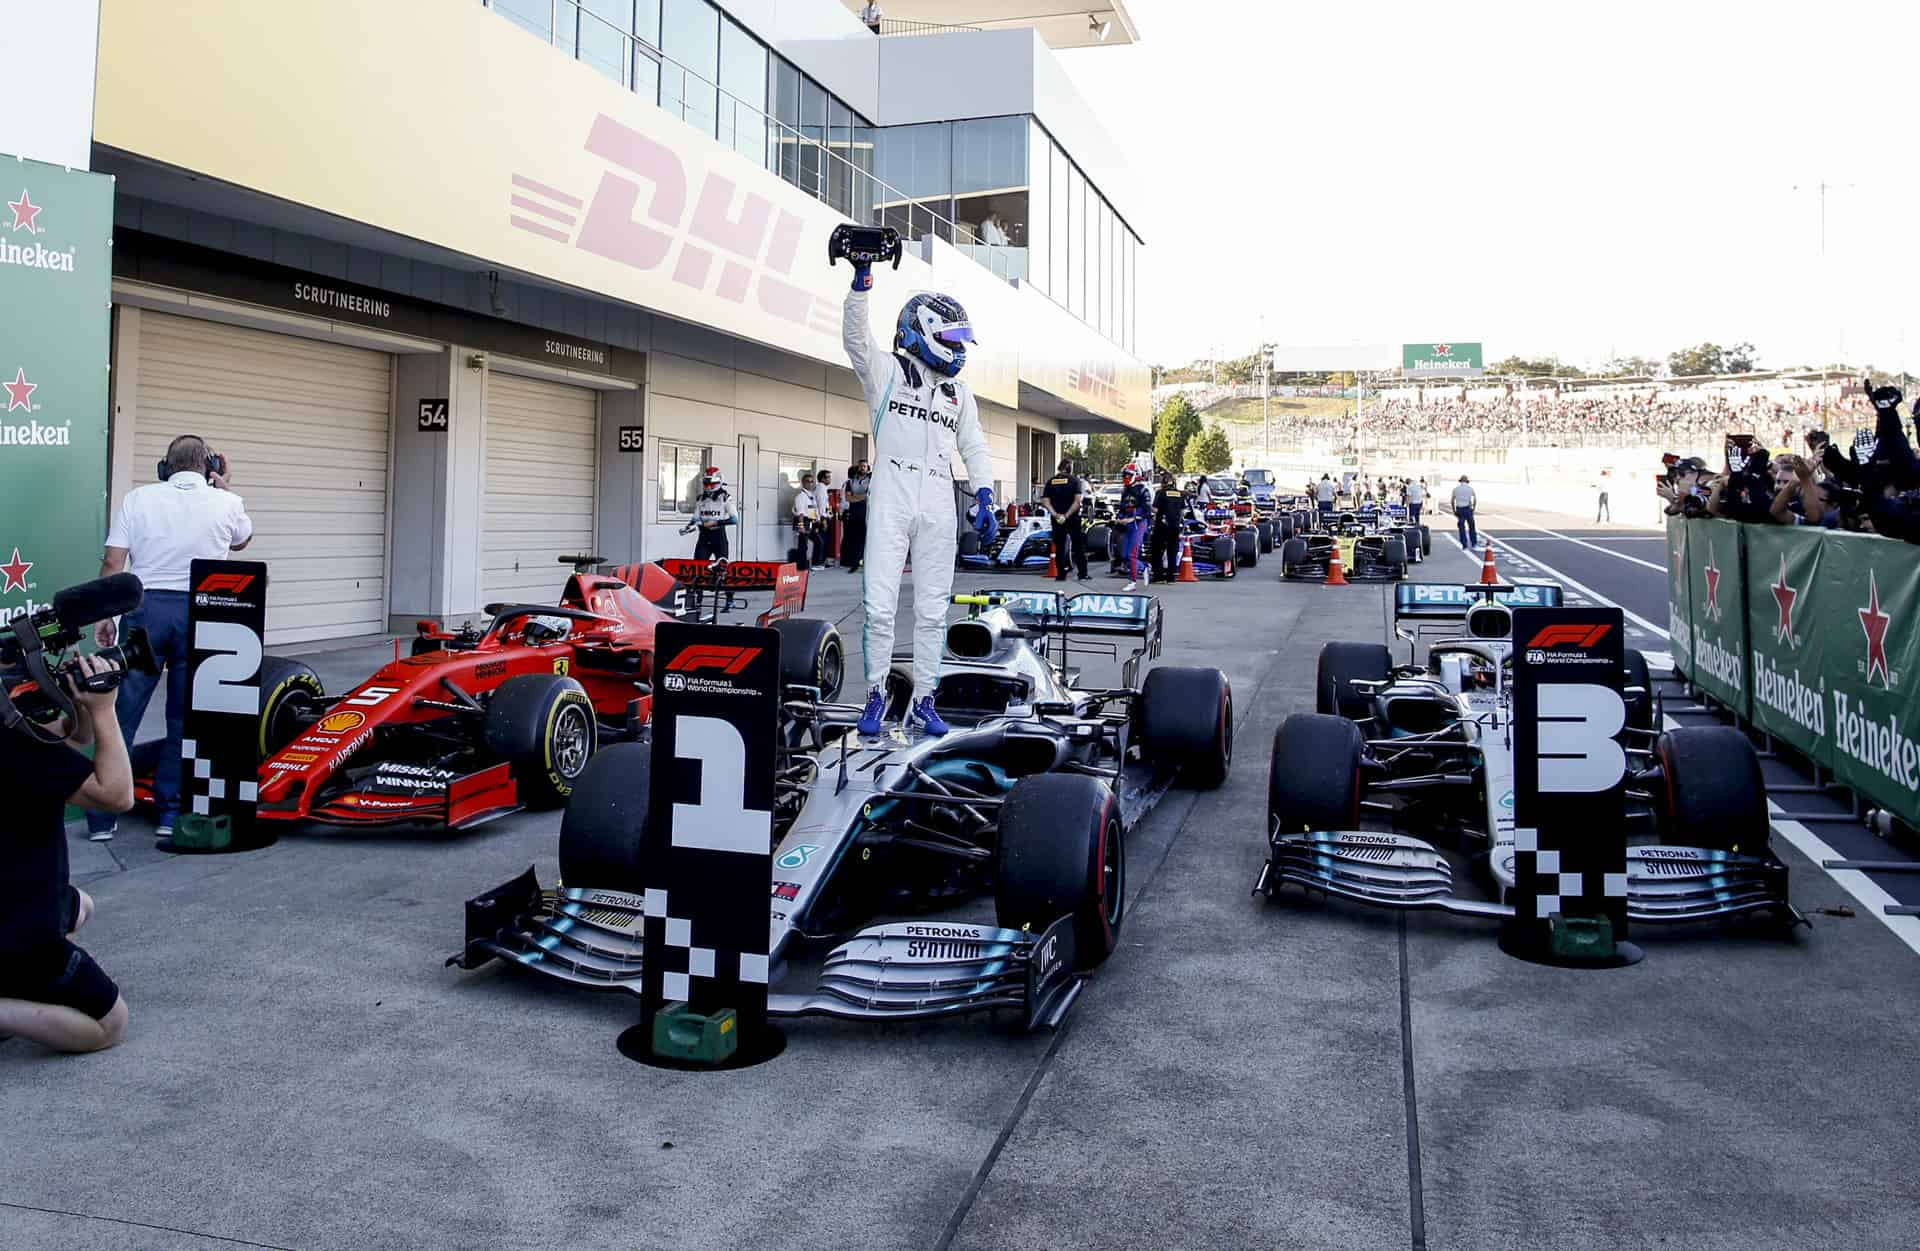 Zesdaagse vliegreis – Formule 1 Japan – Suzuka 2020